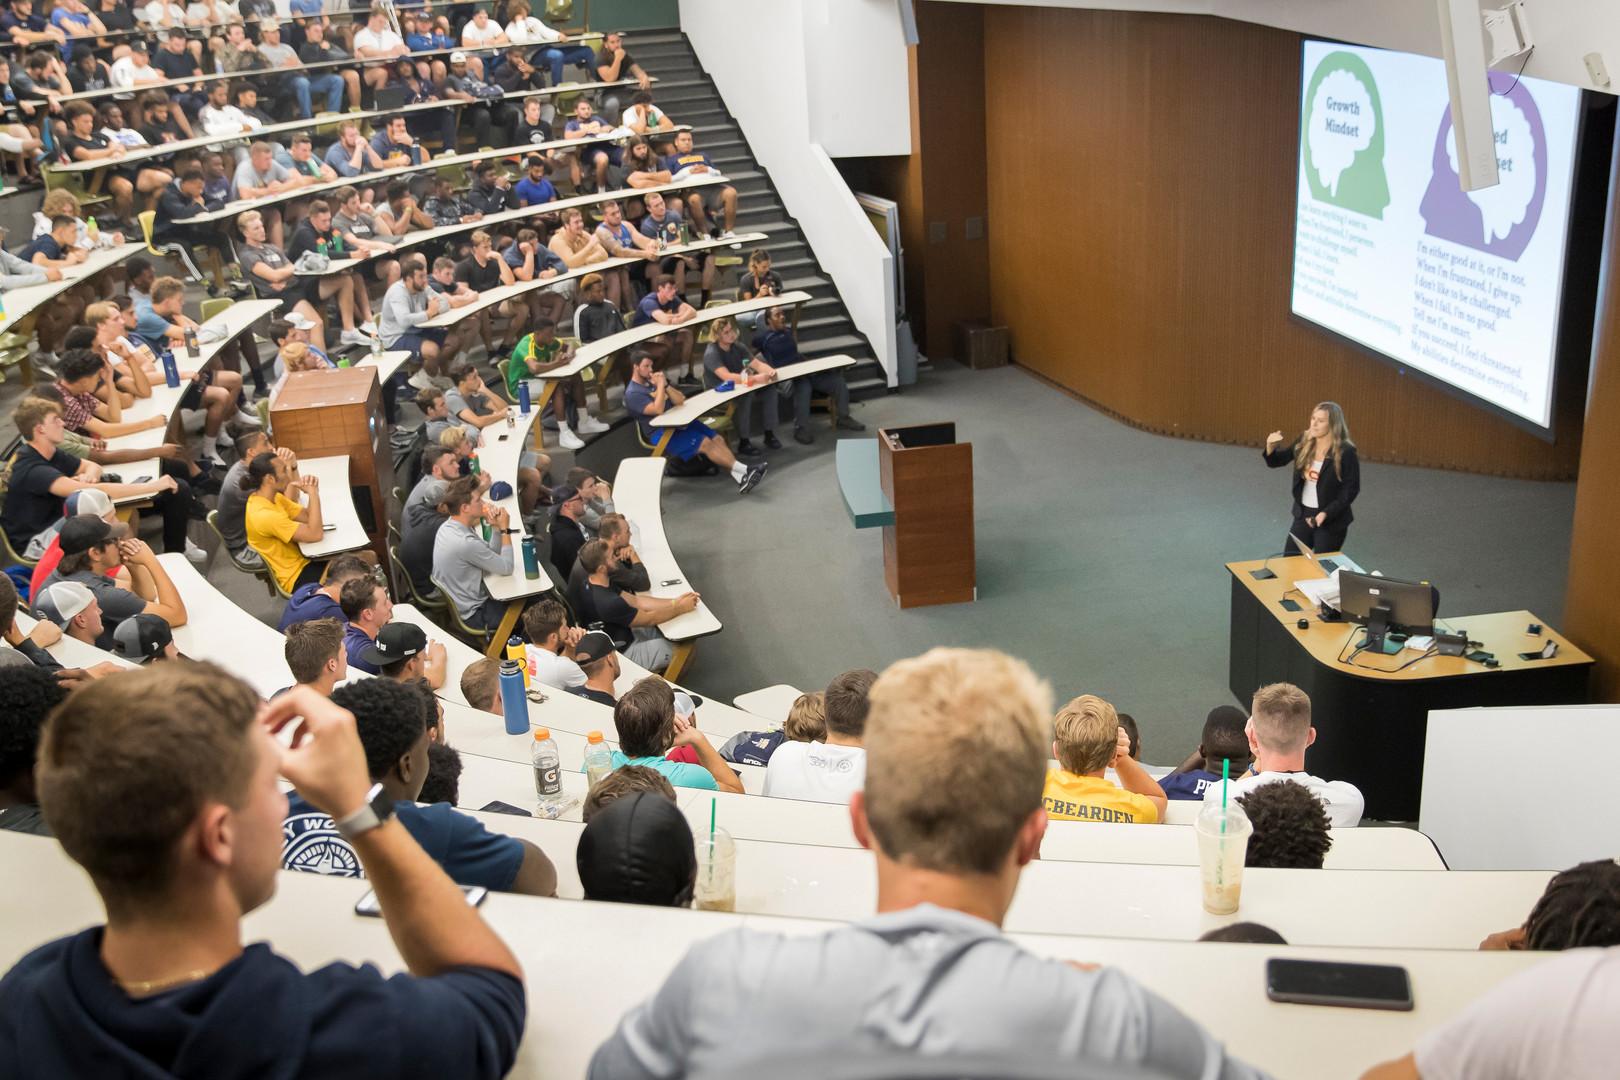 wm_victoria_garrick_lectures_19_35.jpg